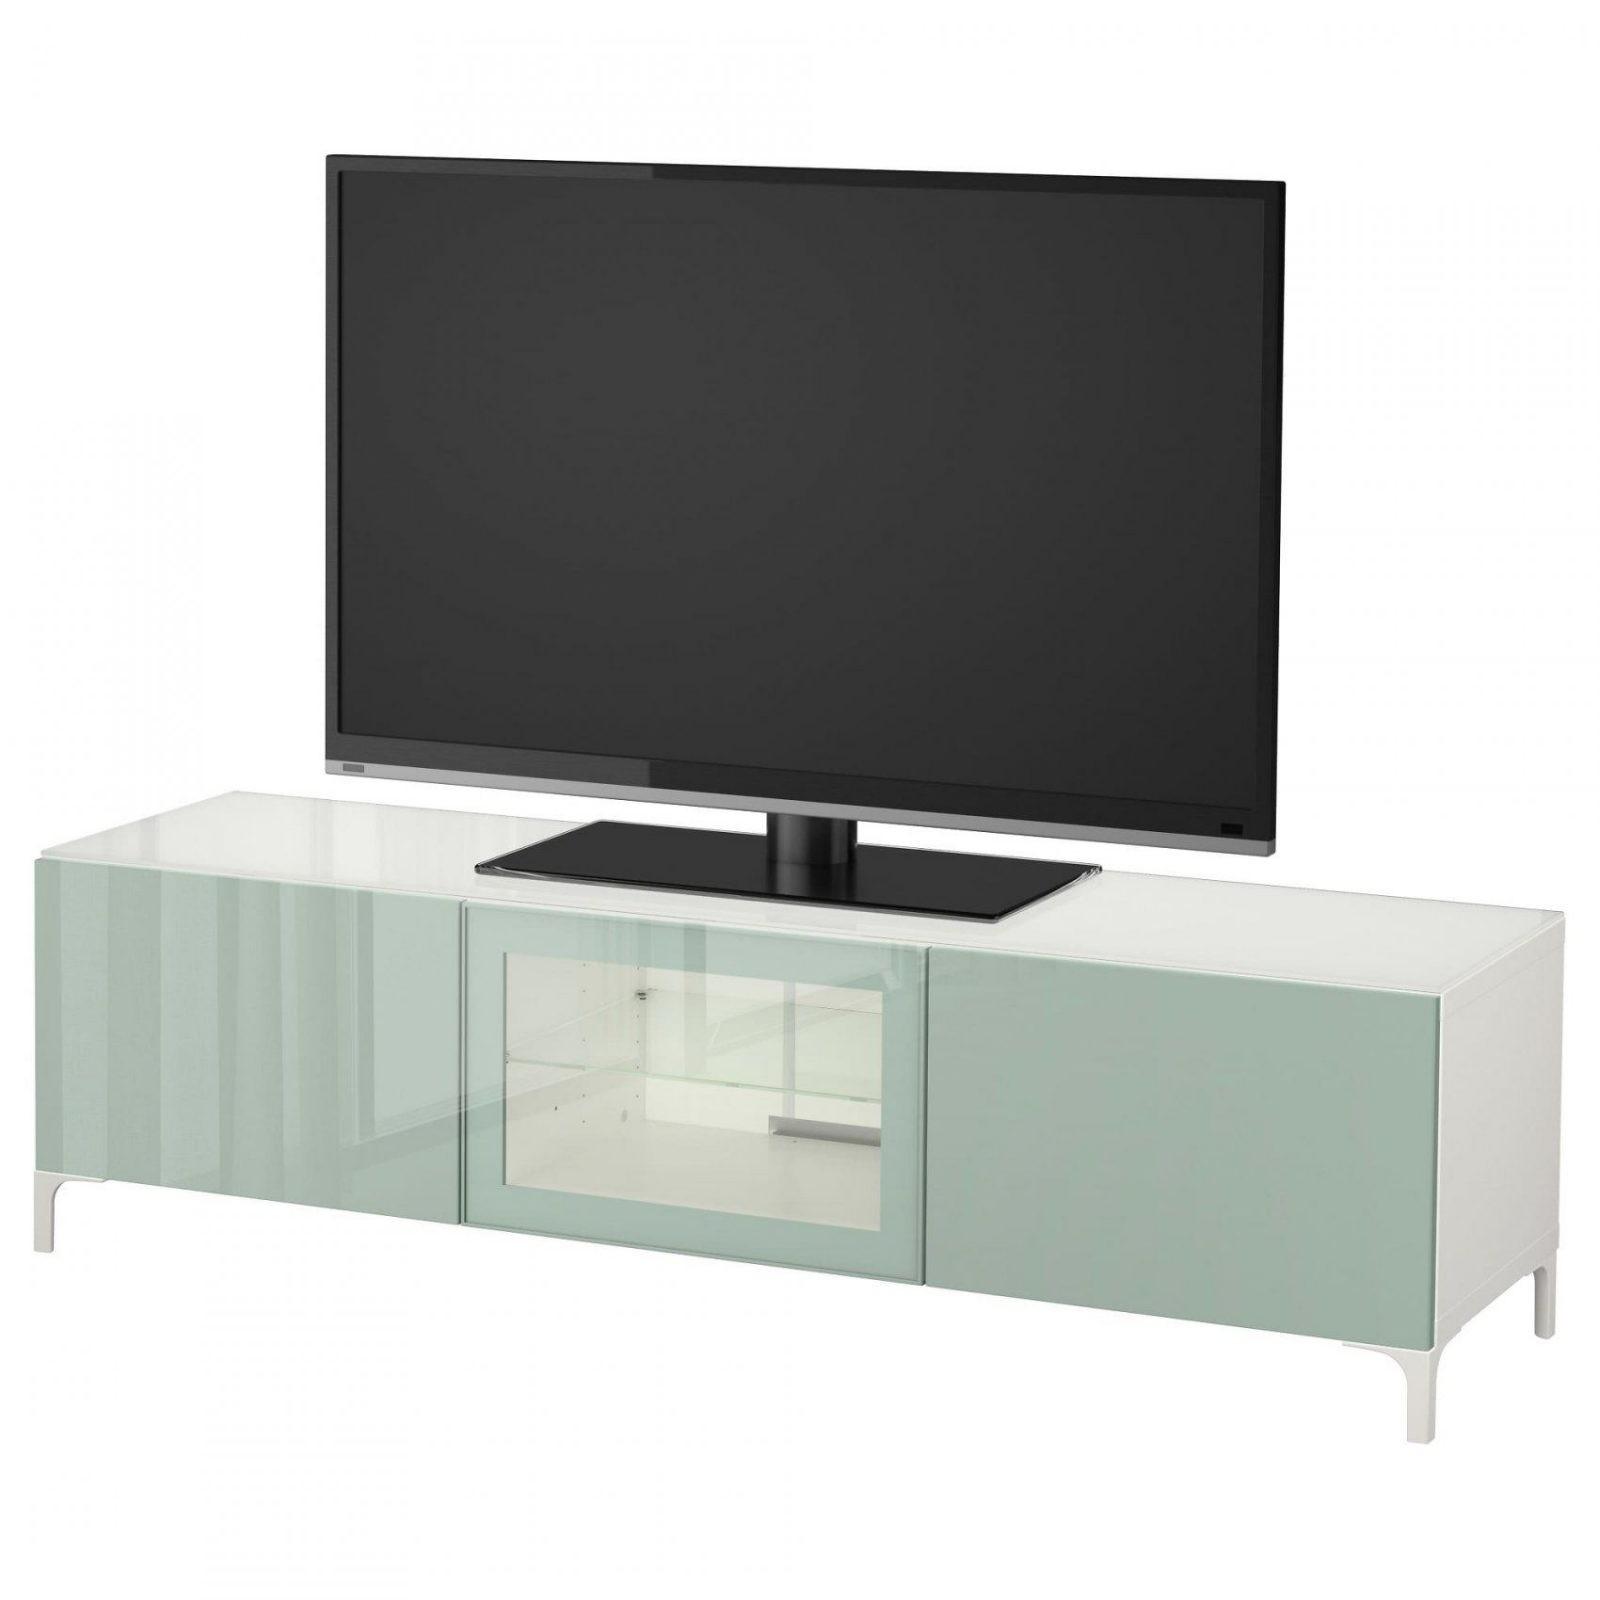 Weiss Tvlowboards Online Kaufen  Möbelsuchmaschine  Ladendirekt von Besta Tv Bank Weiß Bild